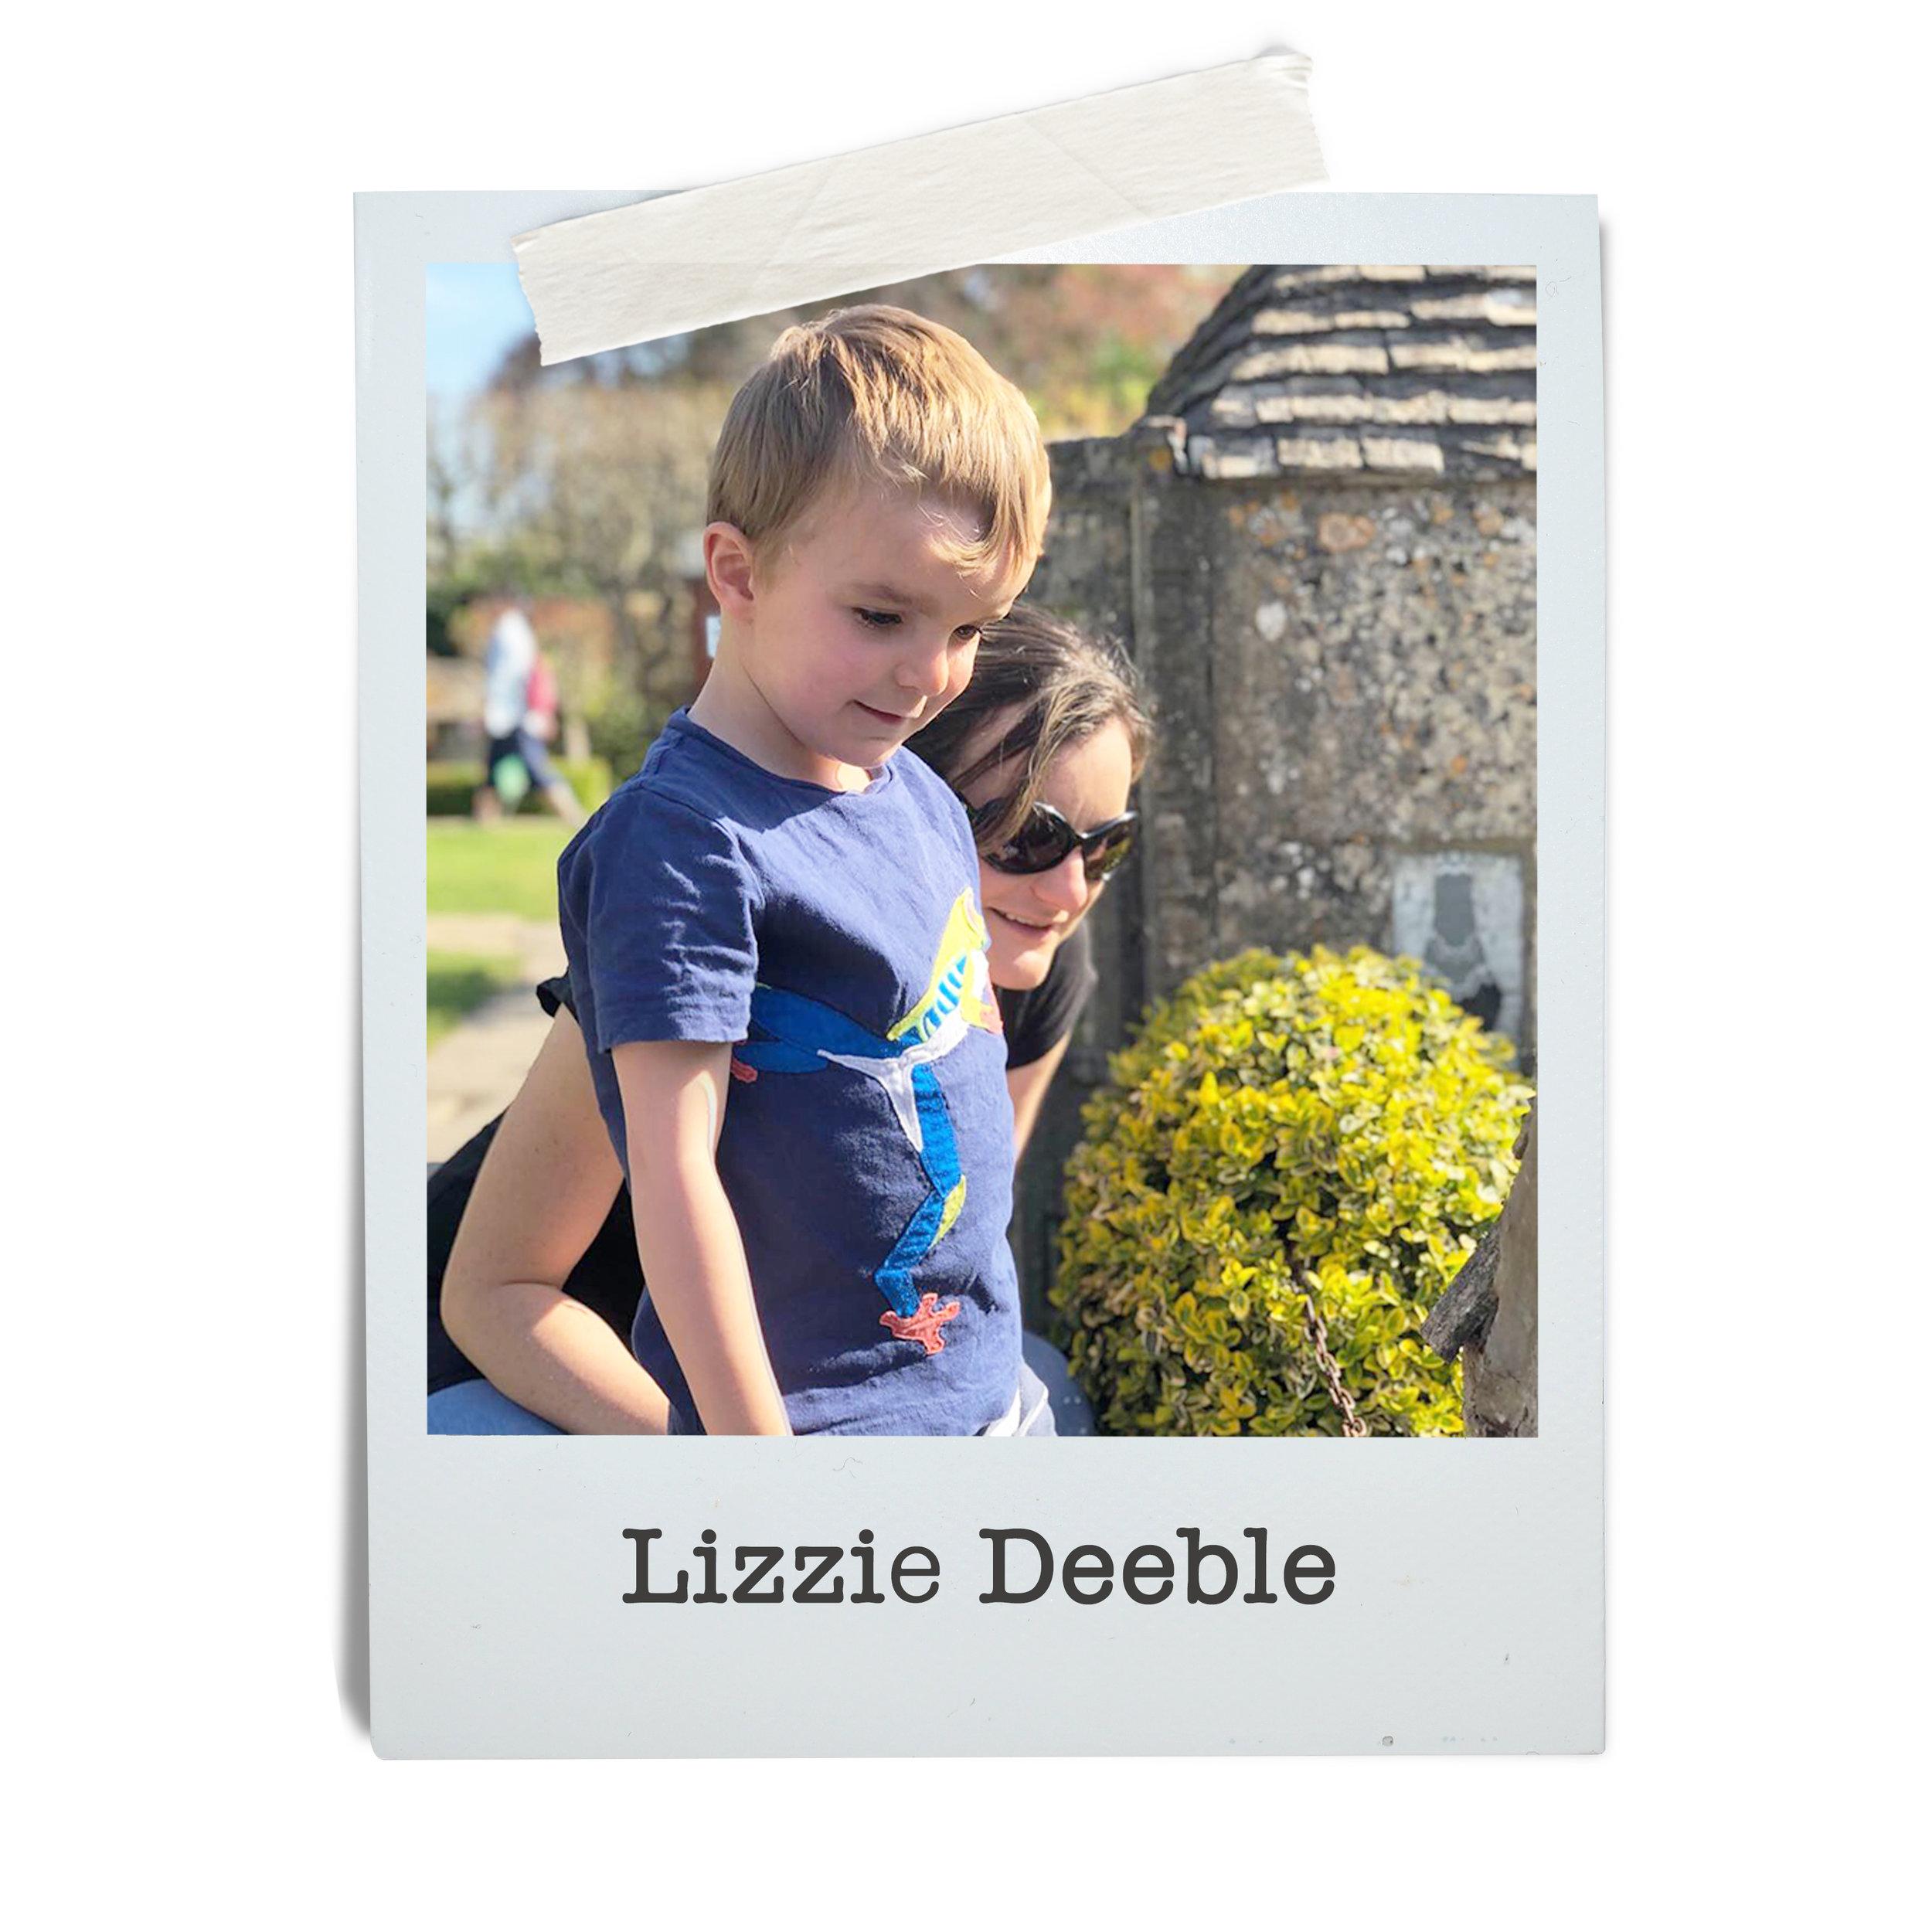 Lizzie Deeble